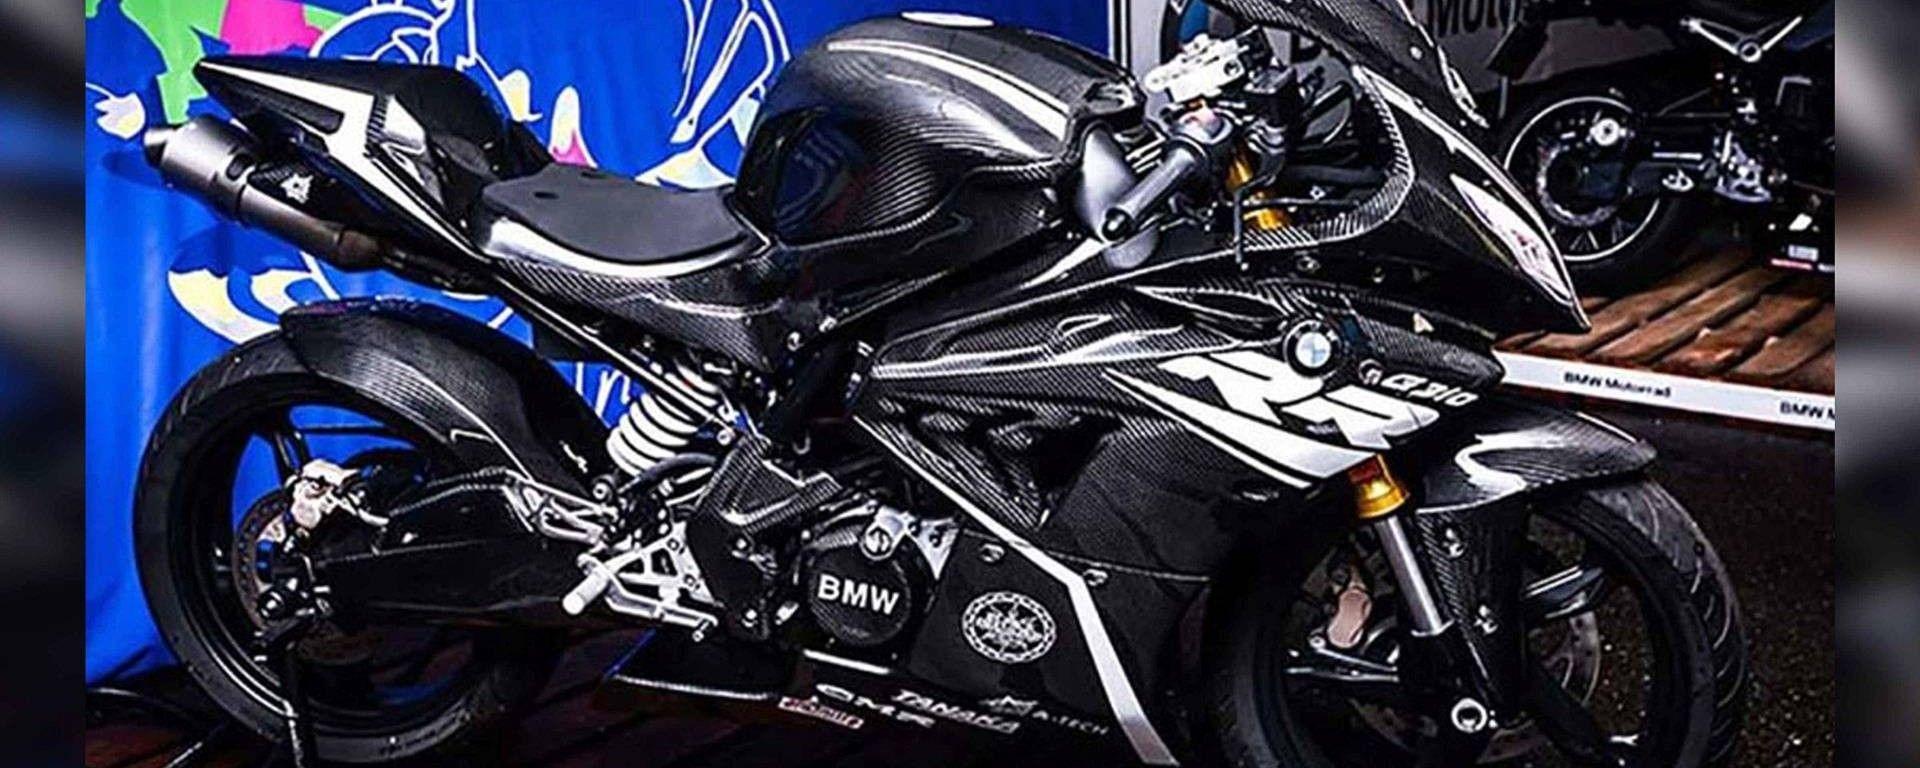 BMW G 310 RR: il prototipo in carbonio debutta in Giappone